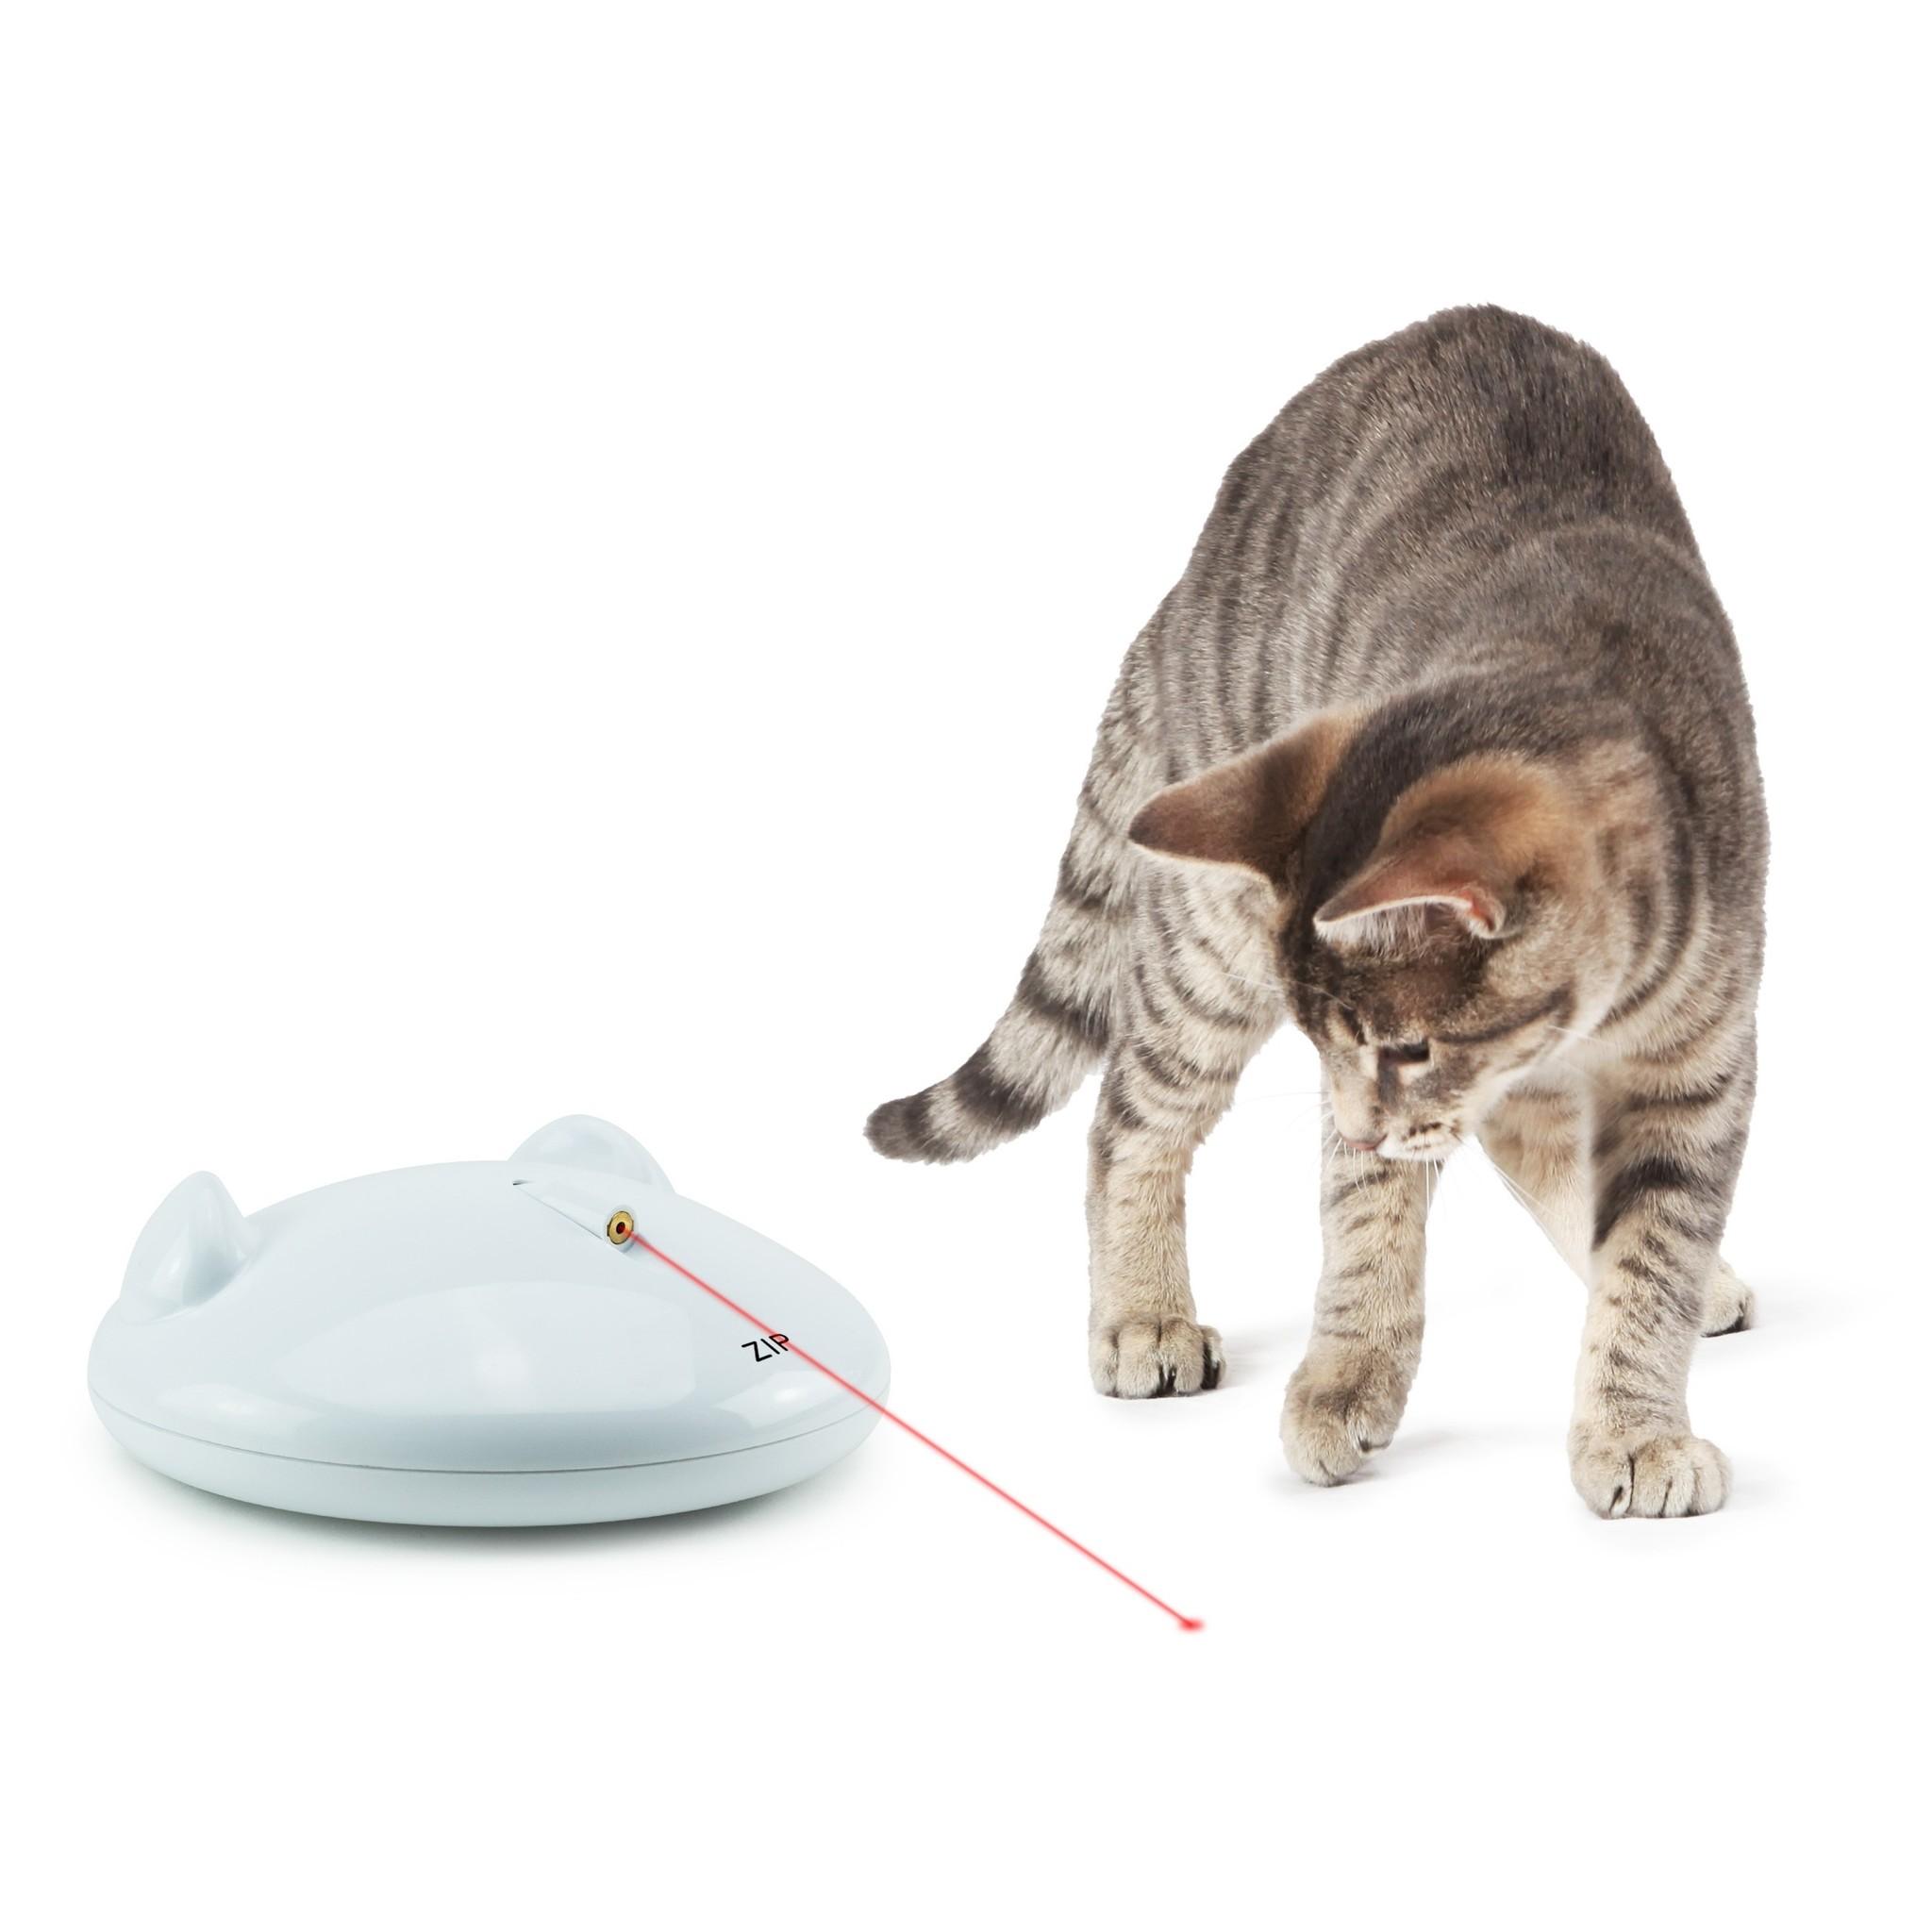 Automatisch Kattenspeelgoed met Laserstraal